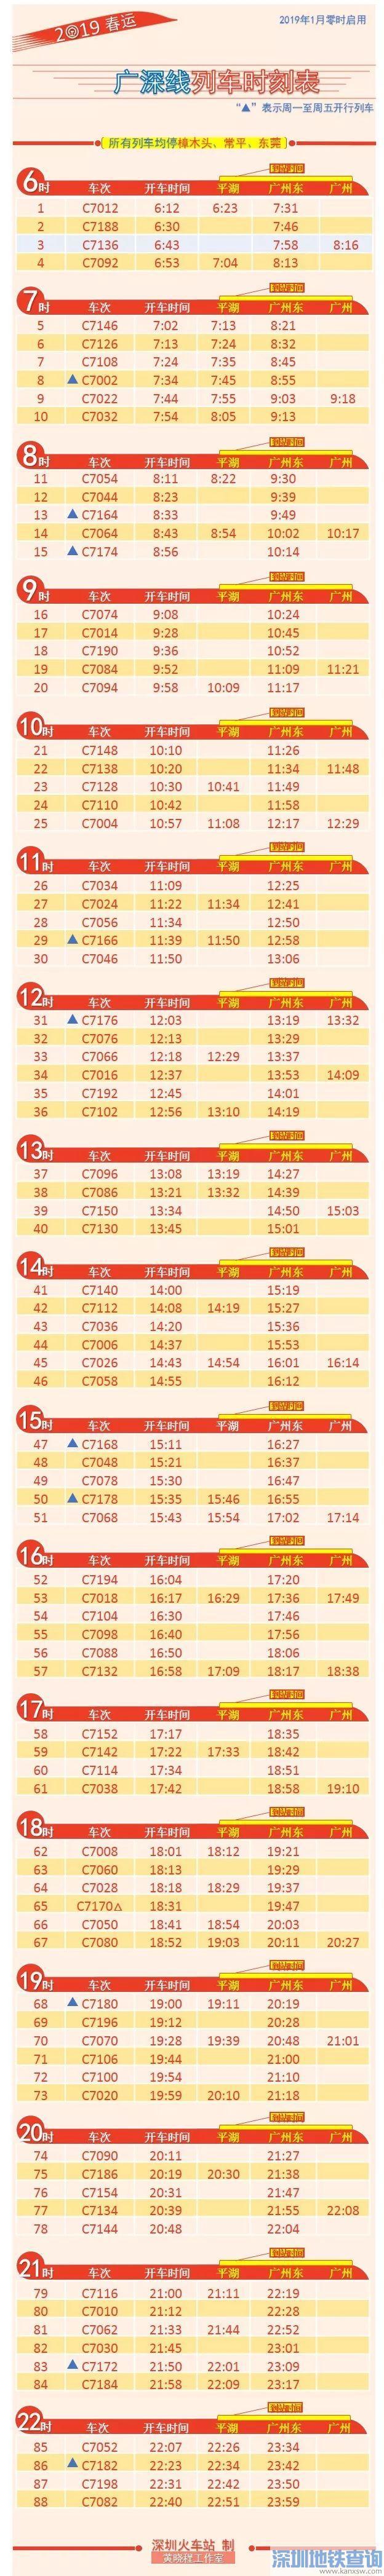 广深线深圳站2019年1月5日调图后最新城际列车时刻表